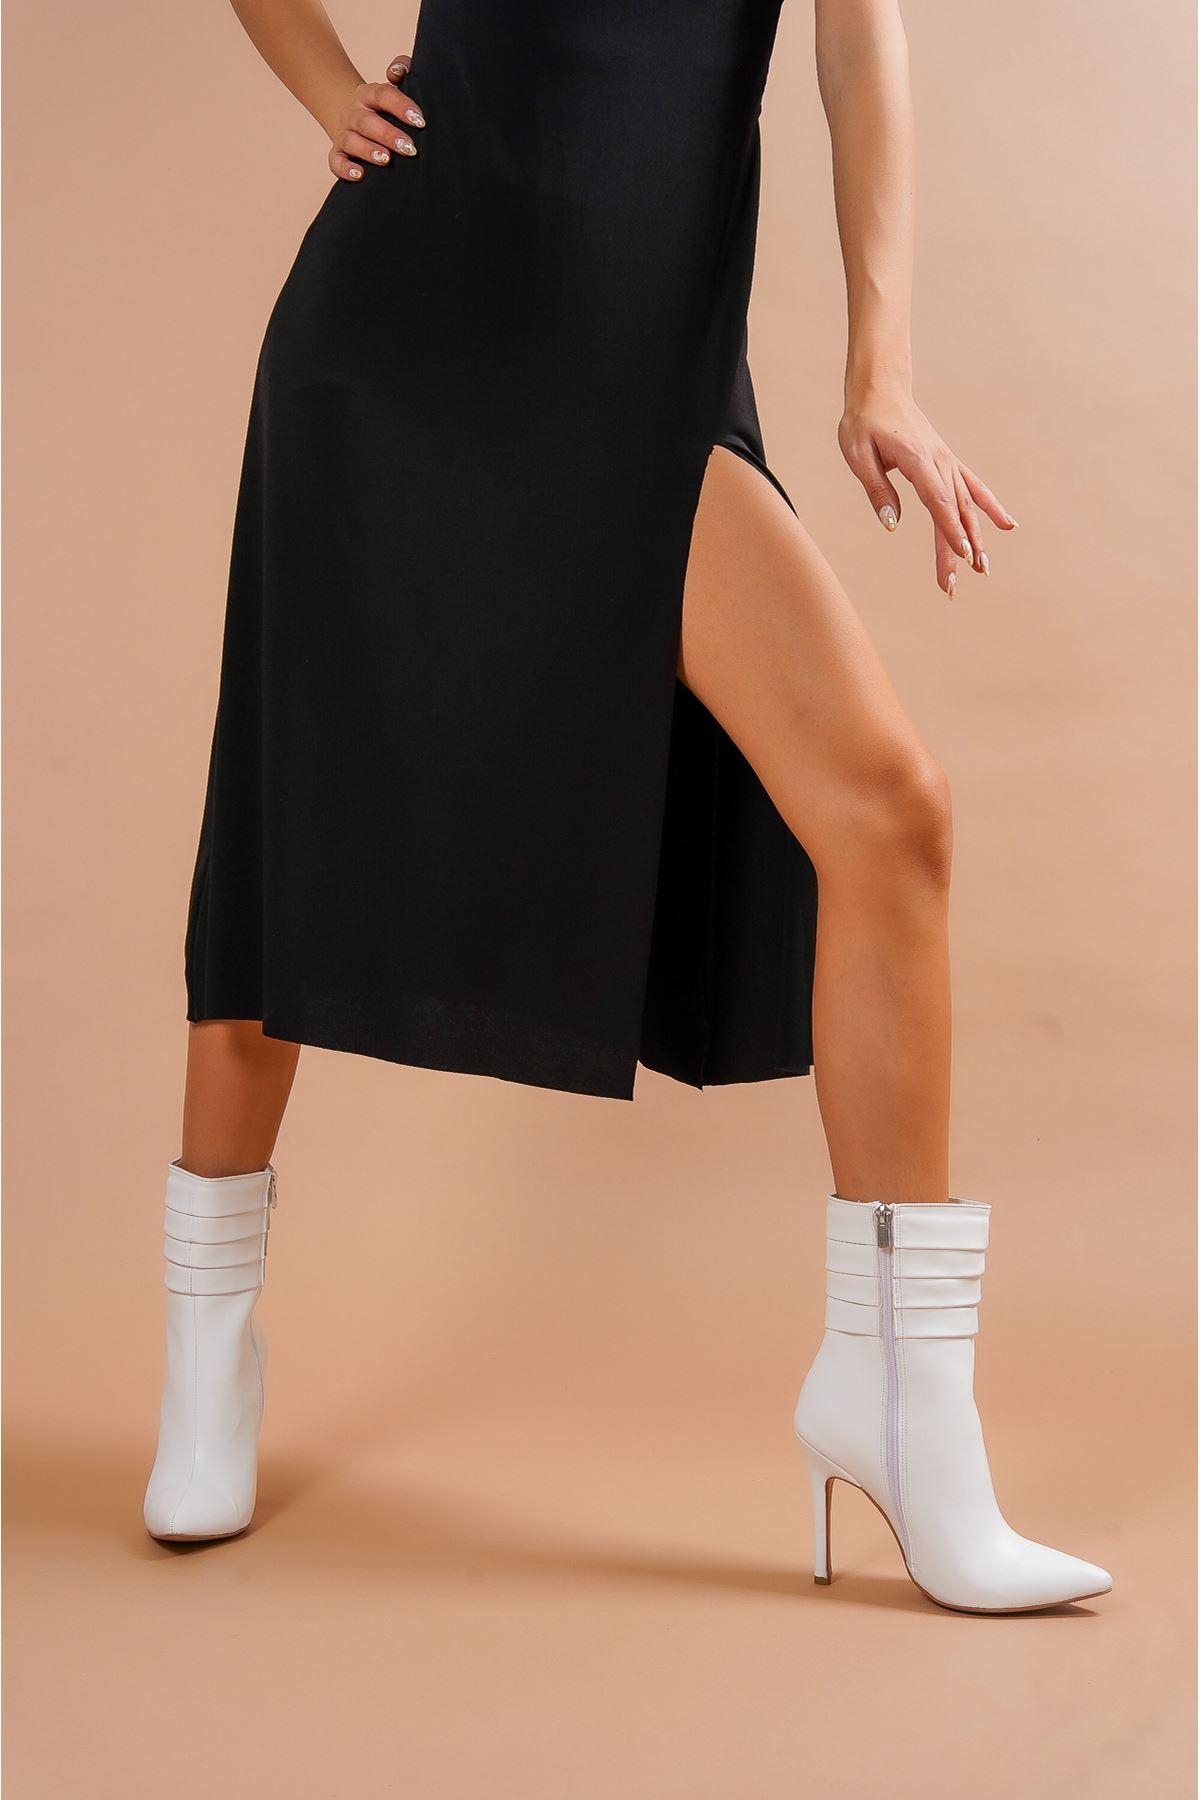 Diamond Beyaz Cilt  Kadın Topuklu Bot